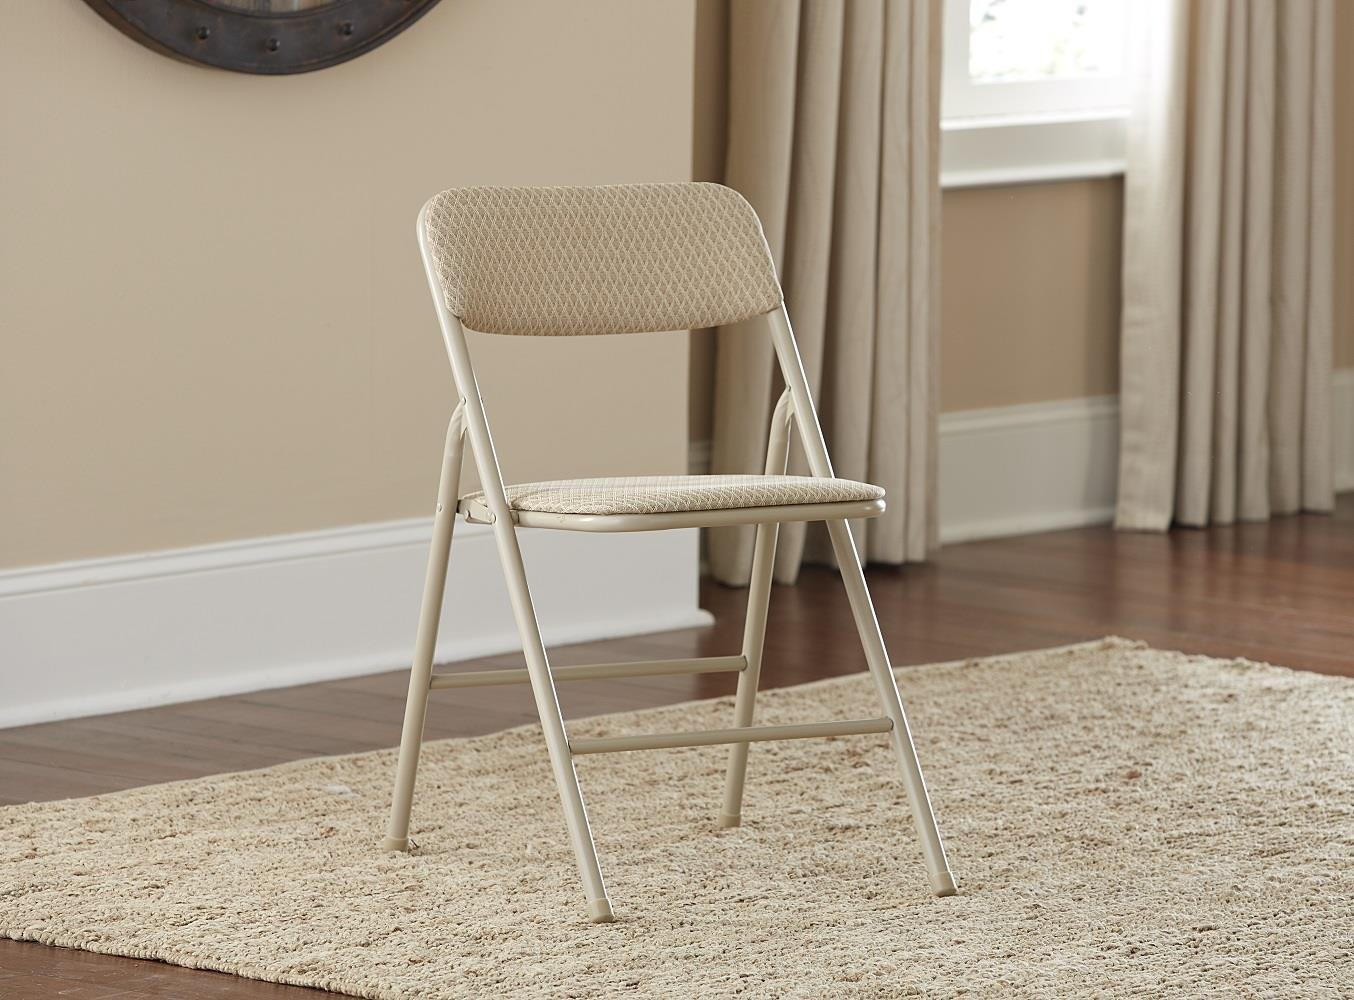 Cosco Outdoor Living - Juego de Mesa y sillas Plegables (5 ...